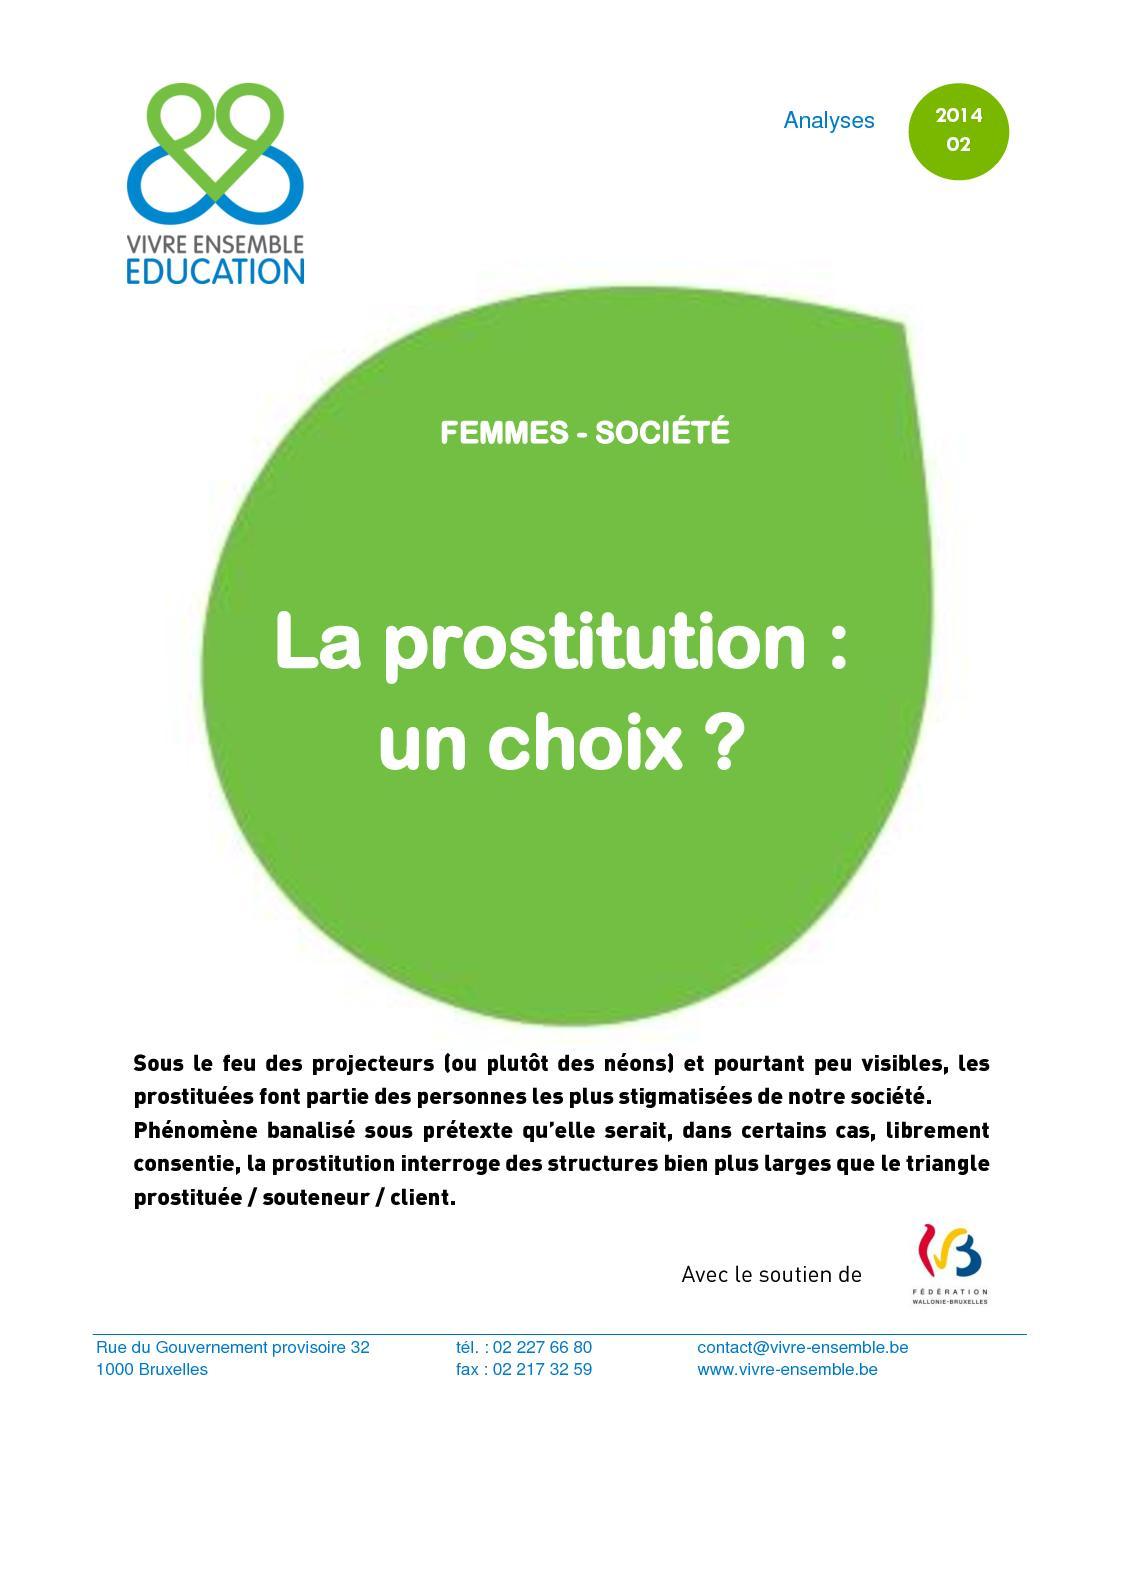 prestation des prostituées